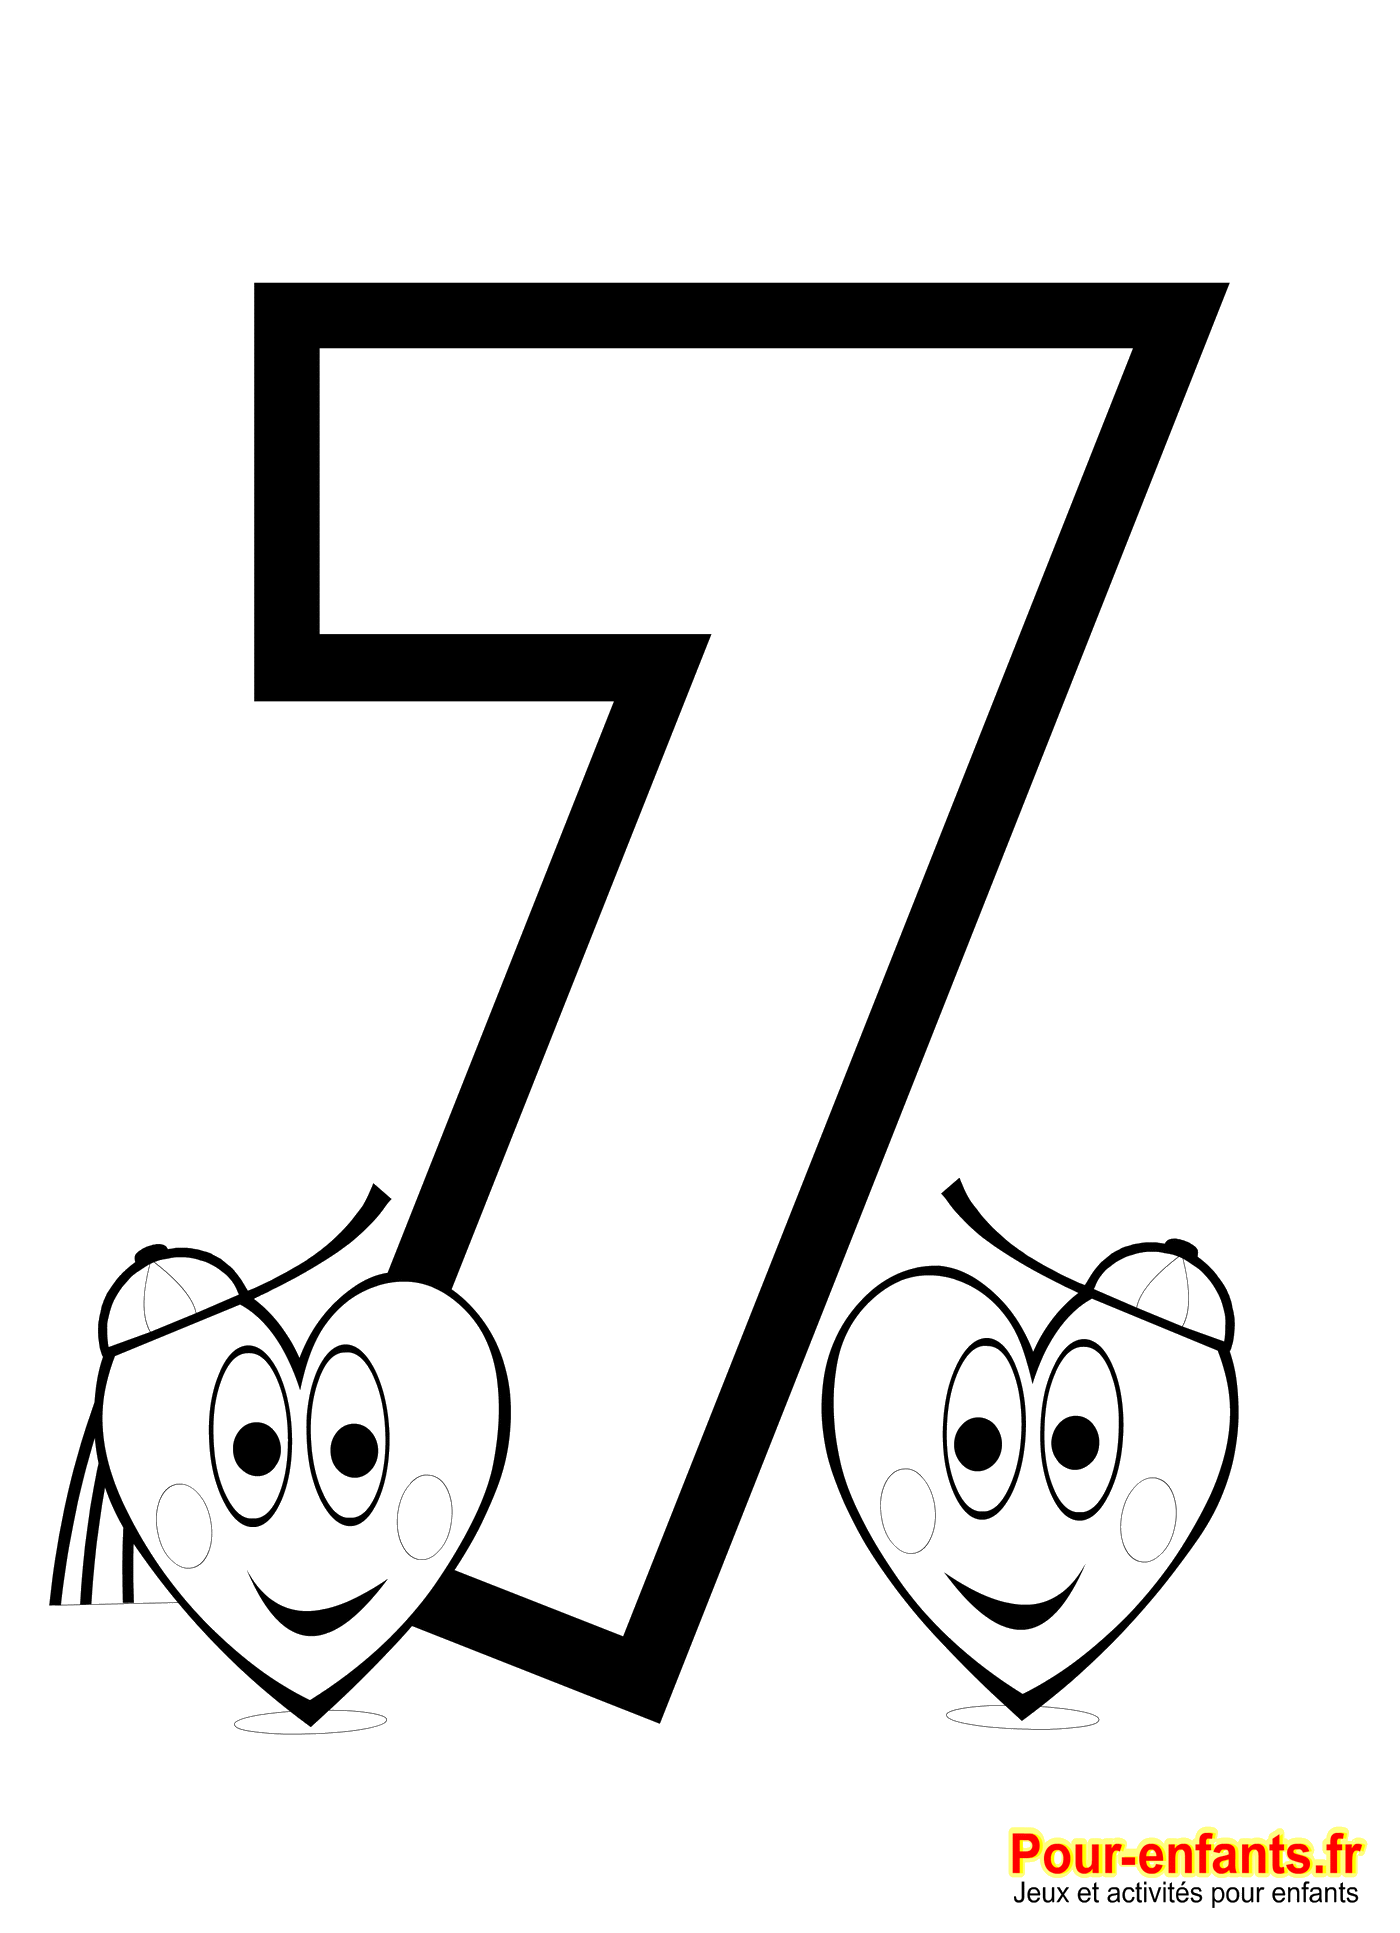 Coloriage chiffre 7 imprimer nombre 7 chiffres sept - Coloriage avec des chiffres ...